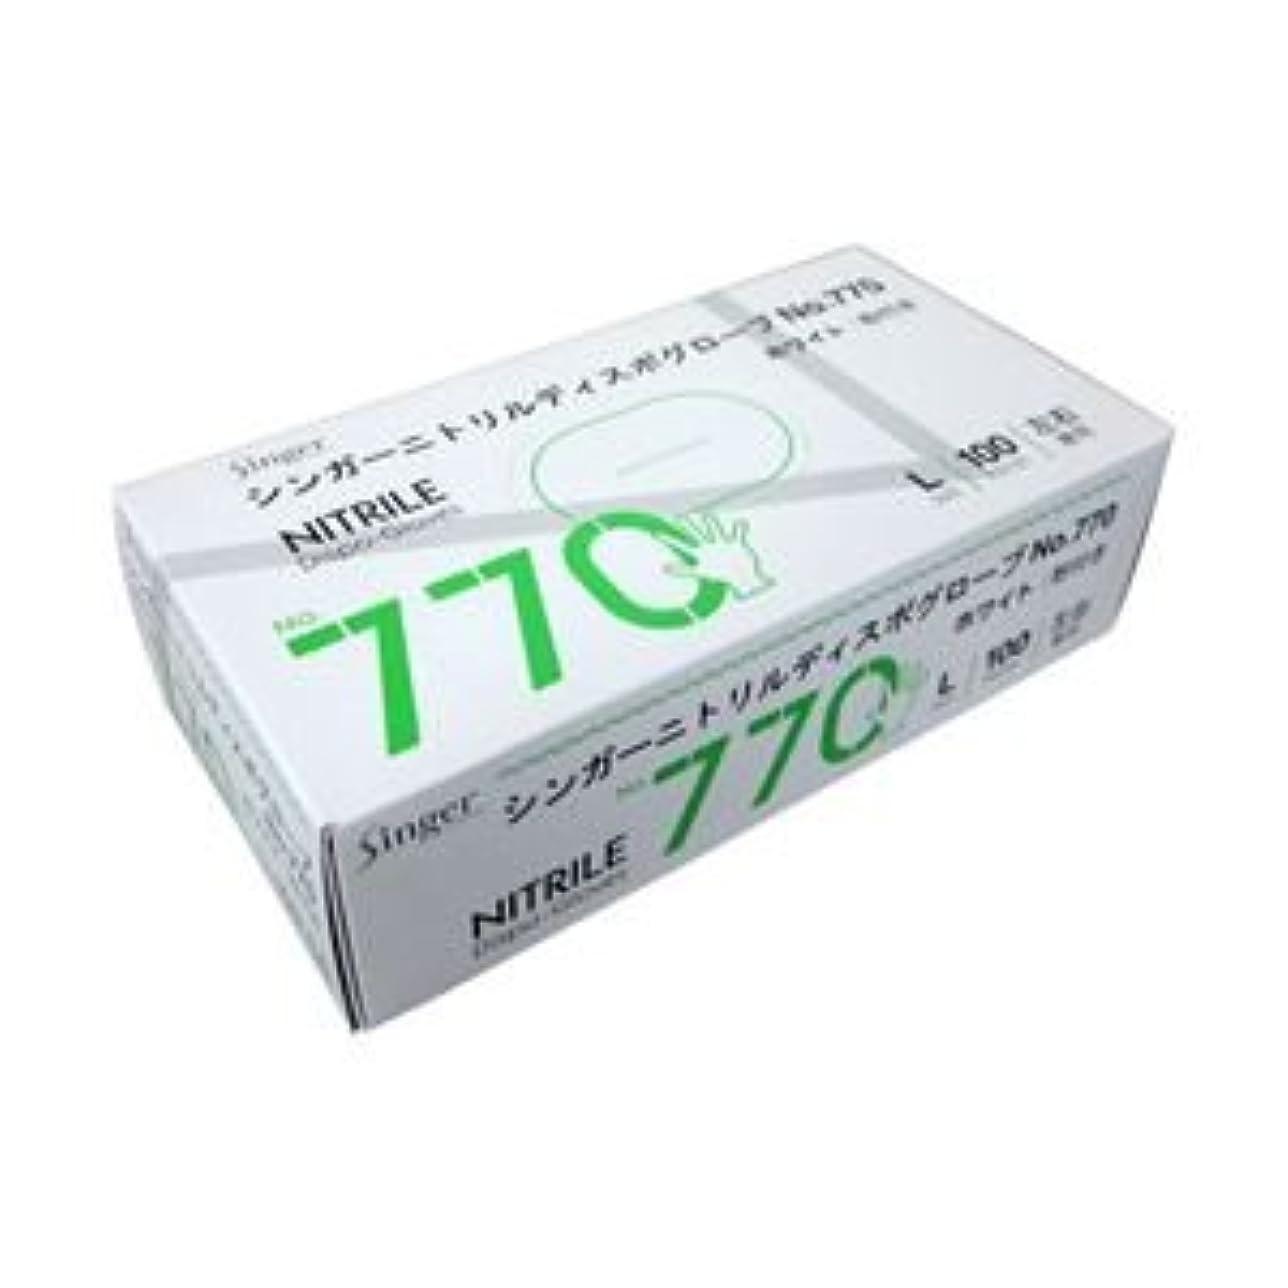 粘土唇処理宇都宮製作 ニトリル手袋 粉付き ホワイト L 1箱(100枚) ×5セット